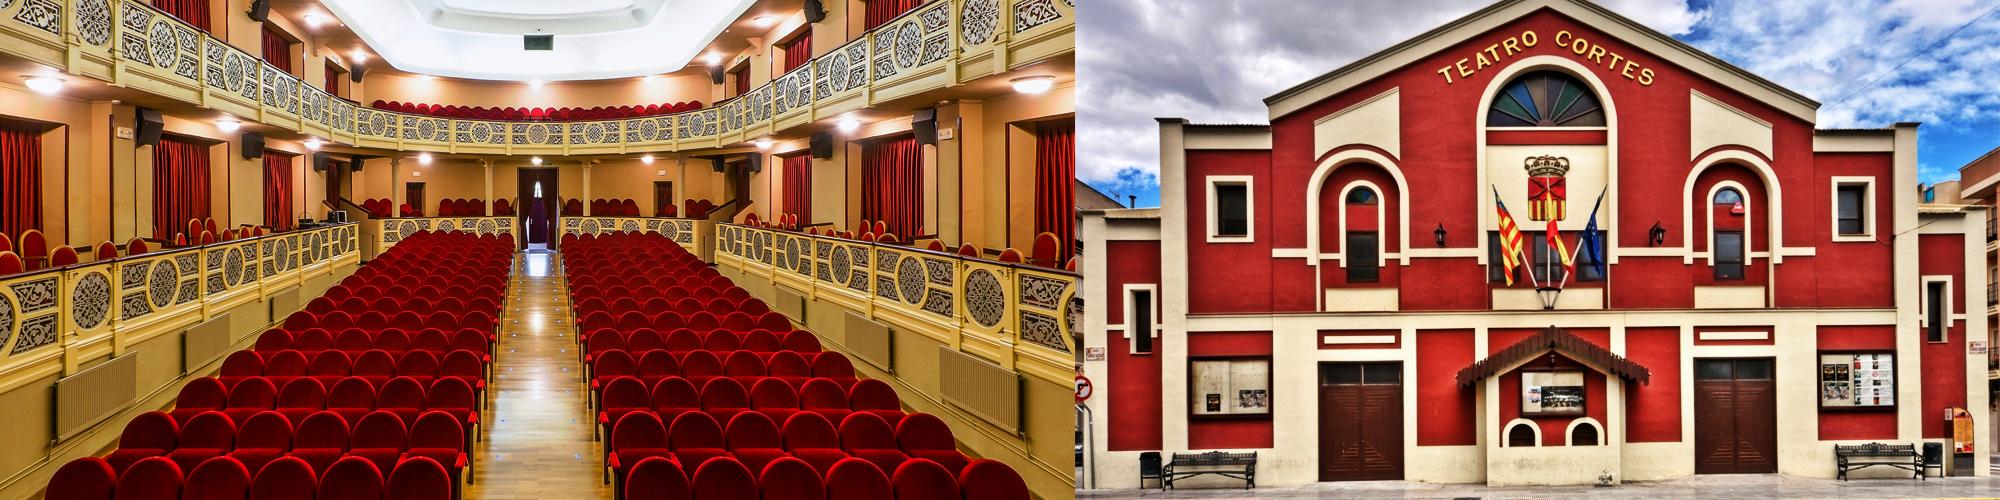 Teatro Cortes